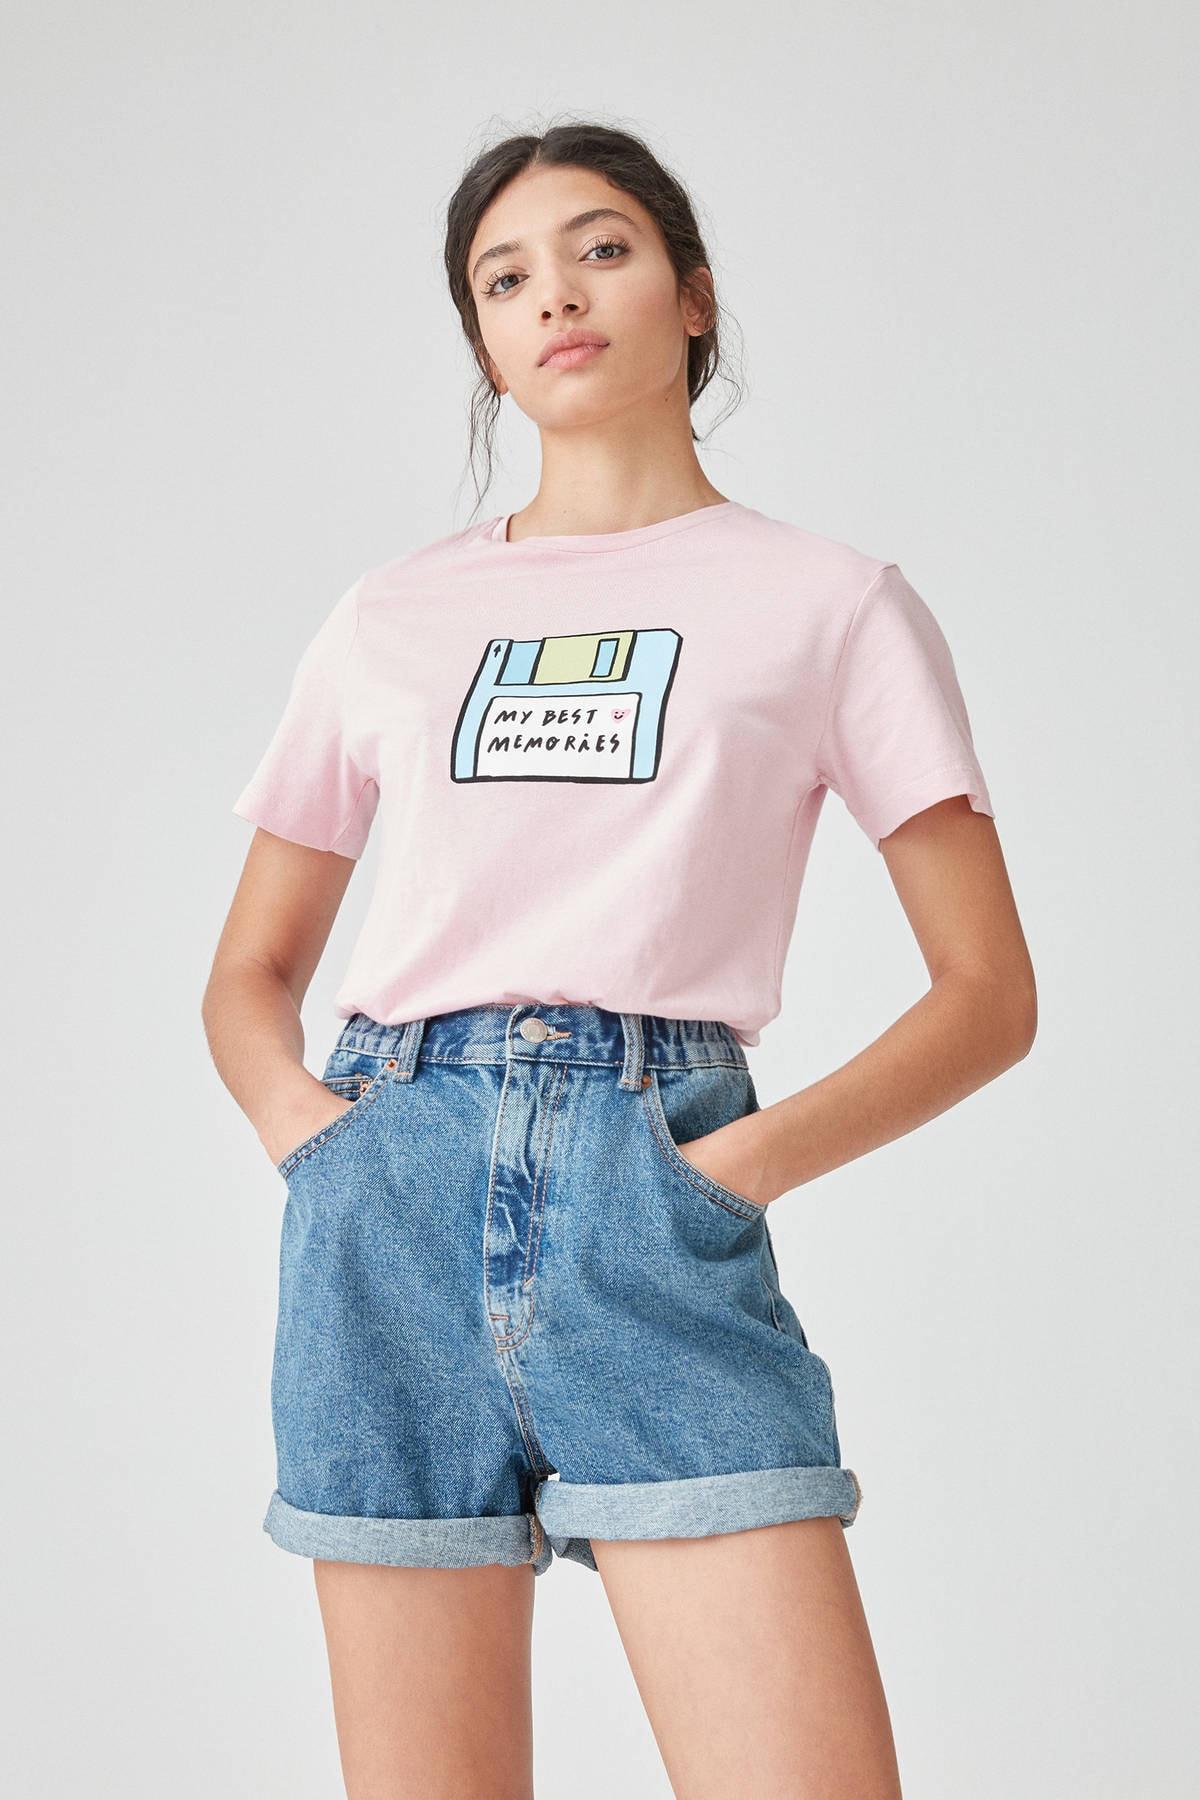 Pull & Bear Kadın Pembe Pembe Disket Görselli T-Shirt 09244302